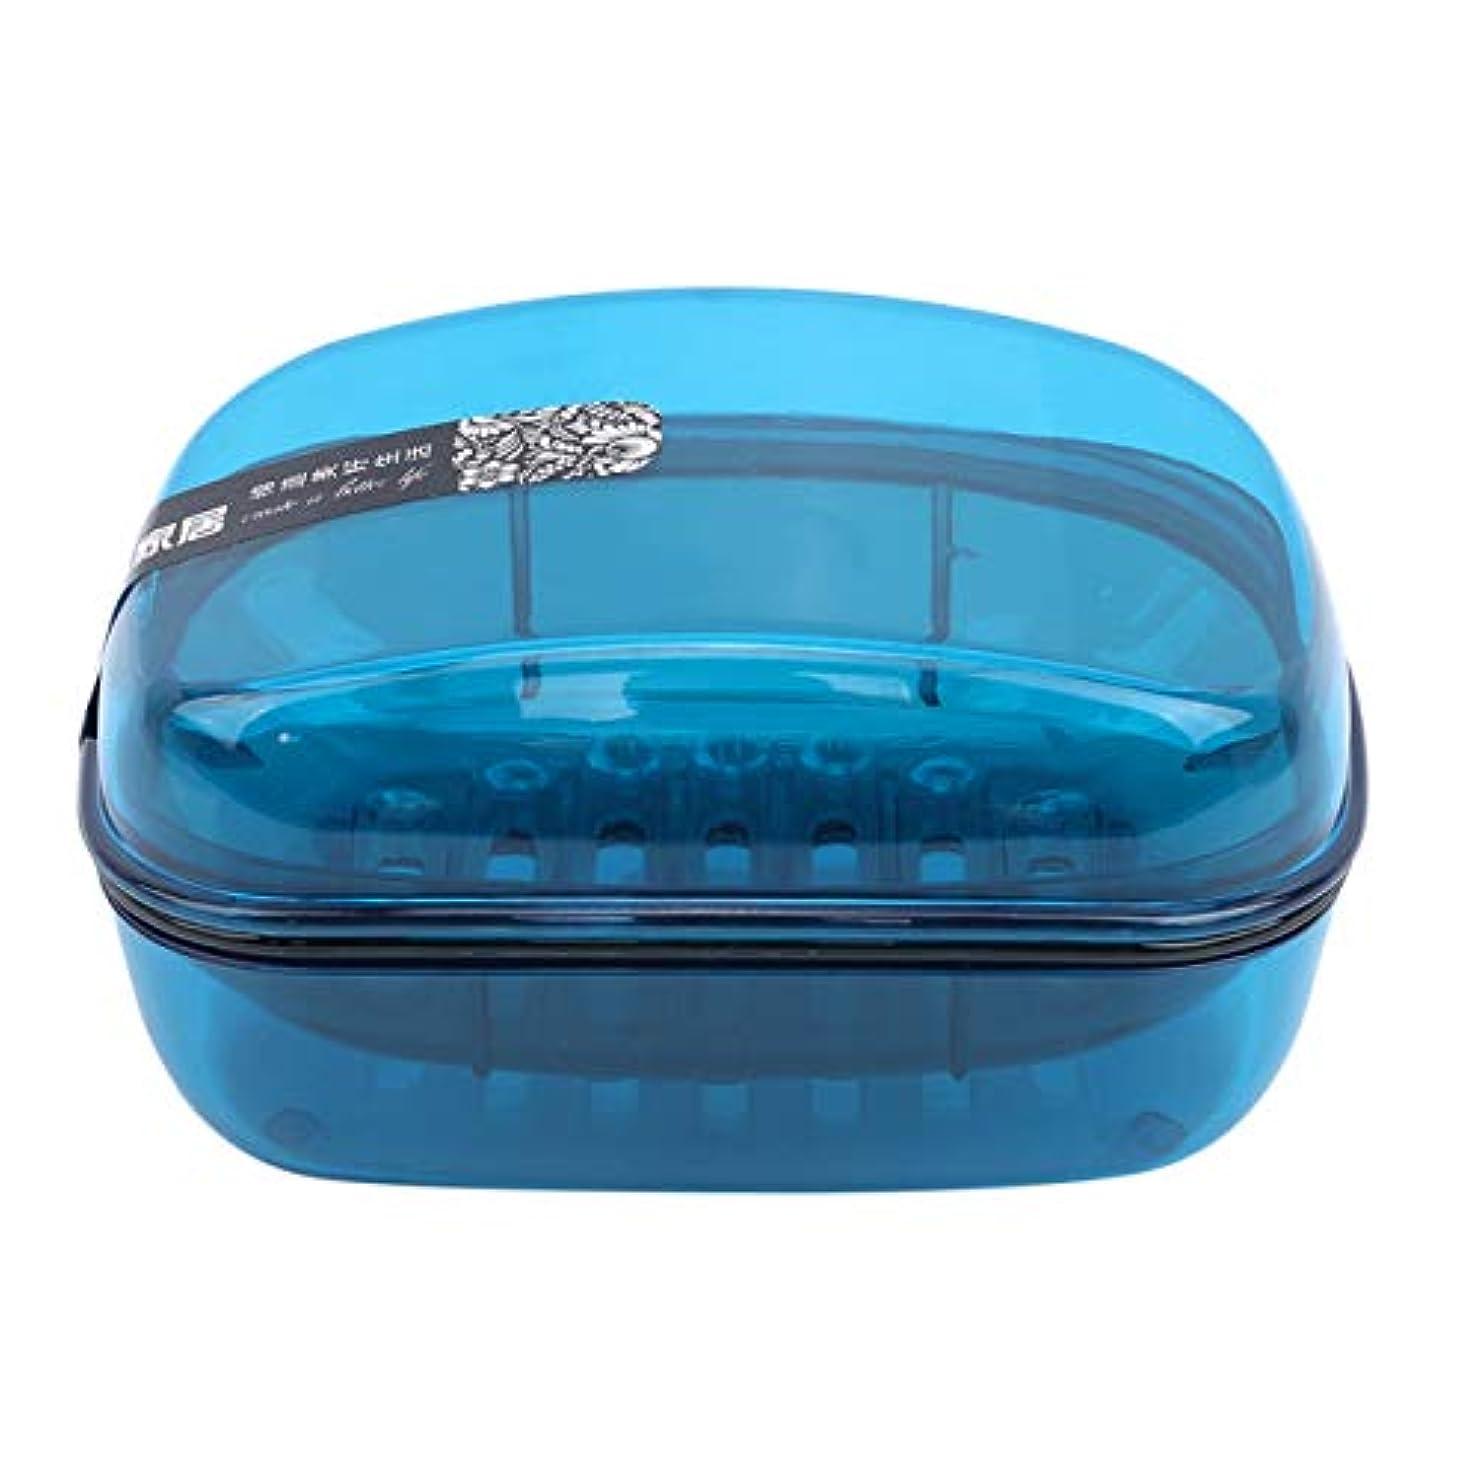 抜け目がないハリケーン教養があるZALING石鹸収納ボックス皿バスルームアクセサリーソープボックスケースホルダー付きカバーブルー